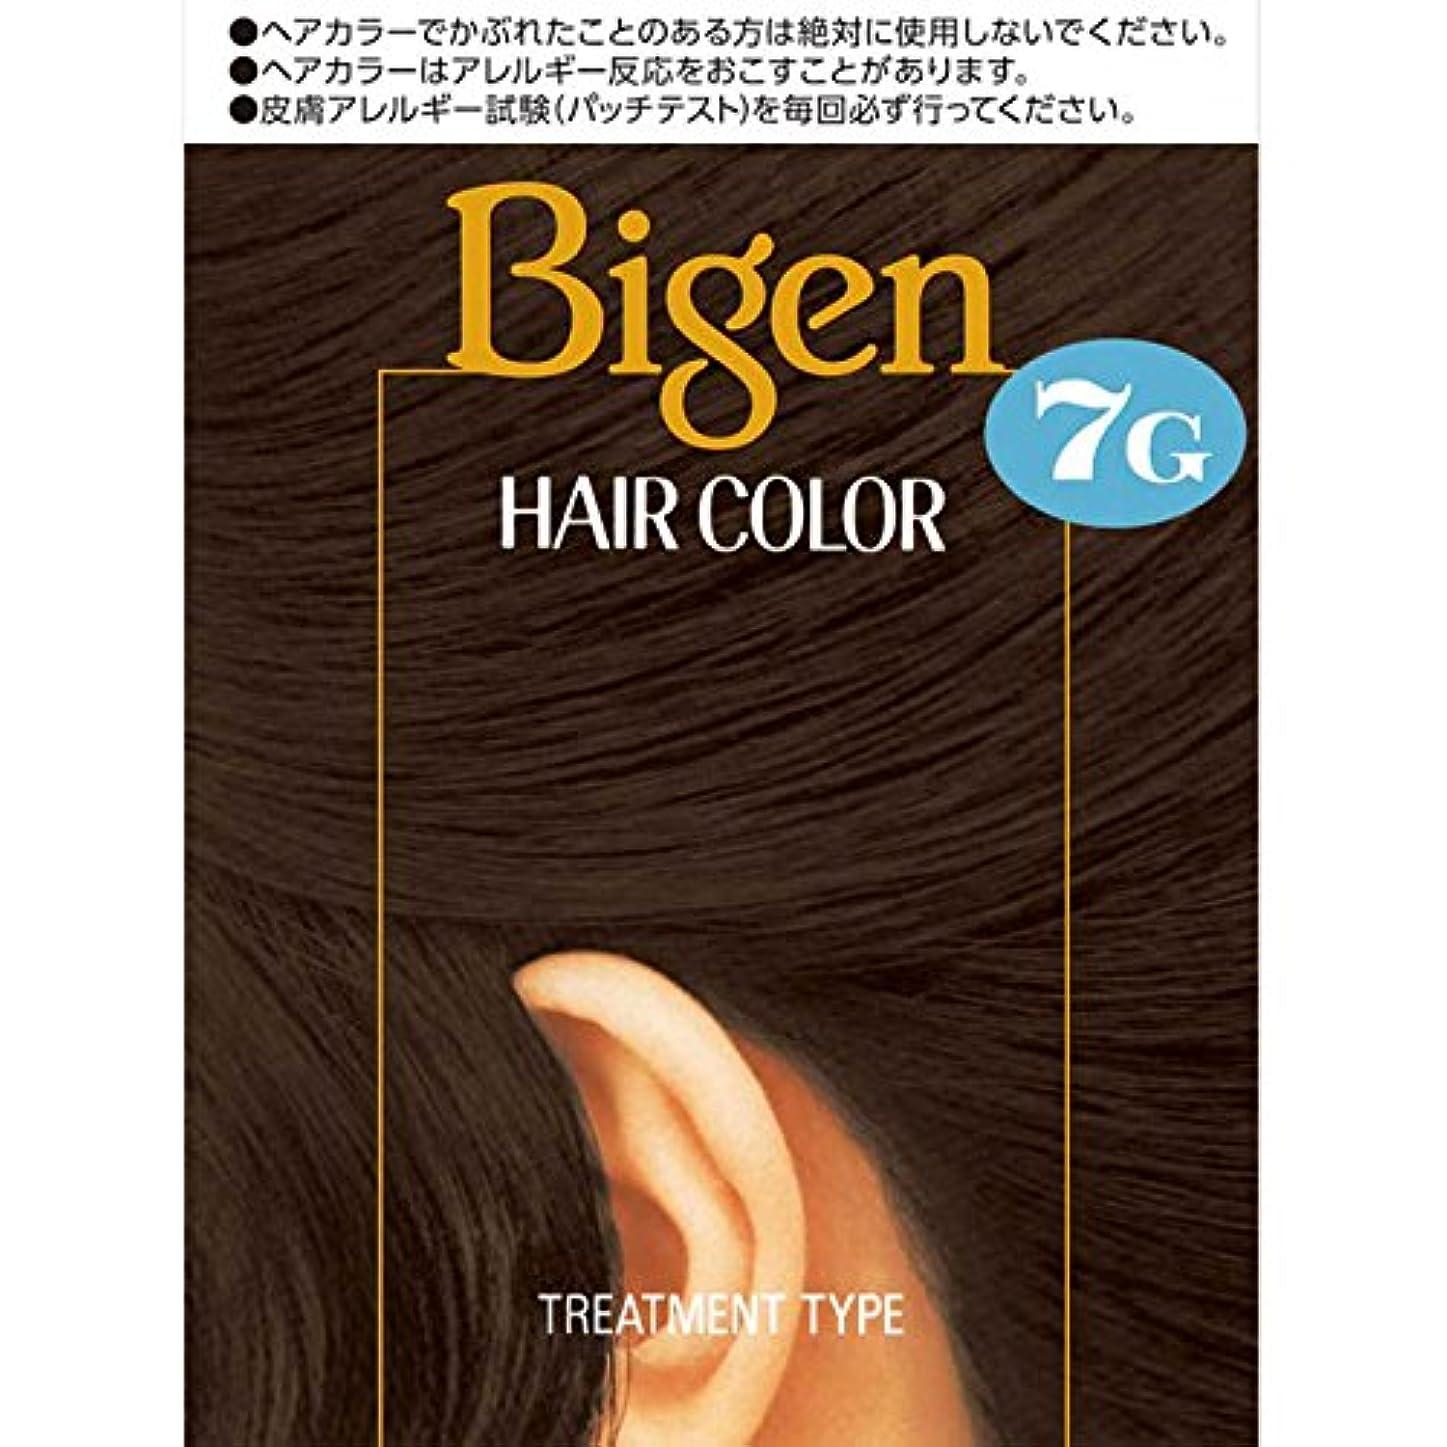 ドラママイルド孤児ホーユー ビゲン ヘアカラー 7G 自然な黒褐色 40ml×2